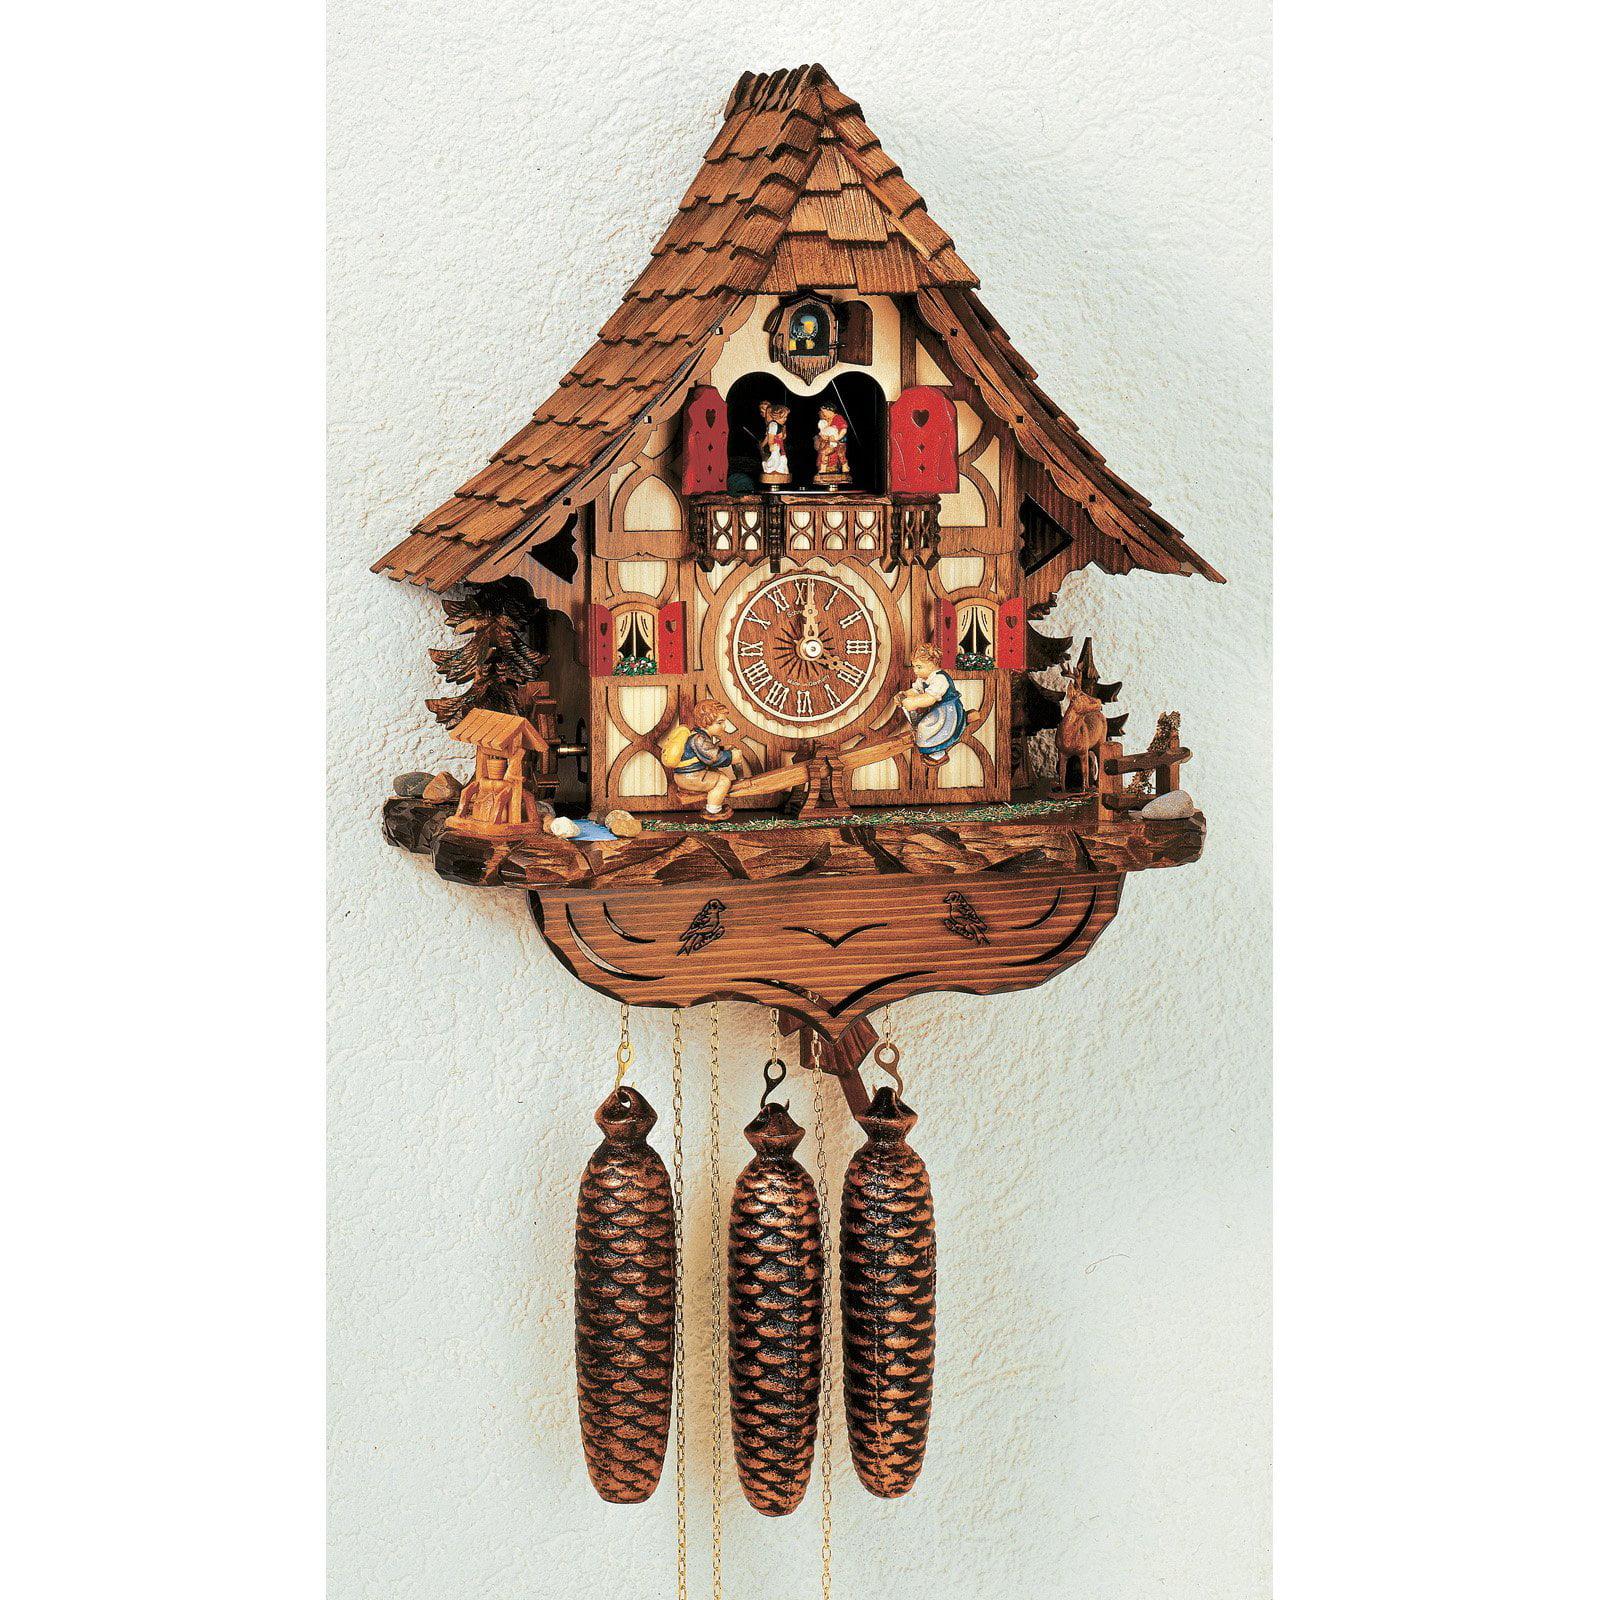 Black Forest 14 Inch Wide Cuckoo Clock by Schneider by Anton Schneider Sohne GmbH